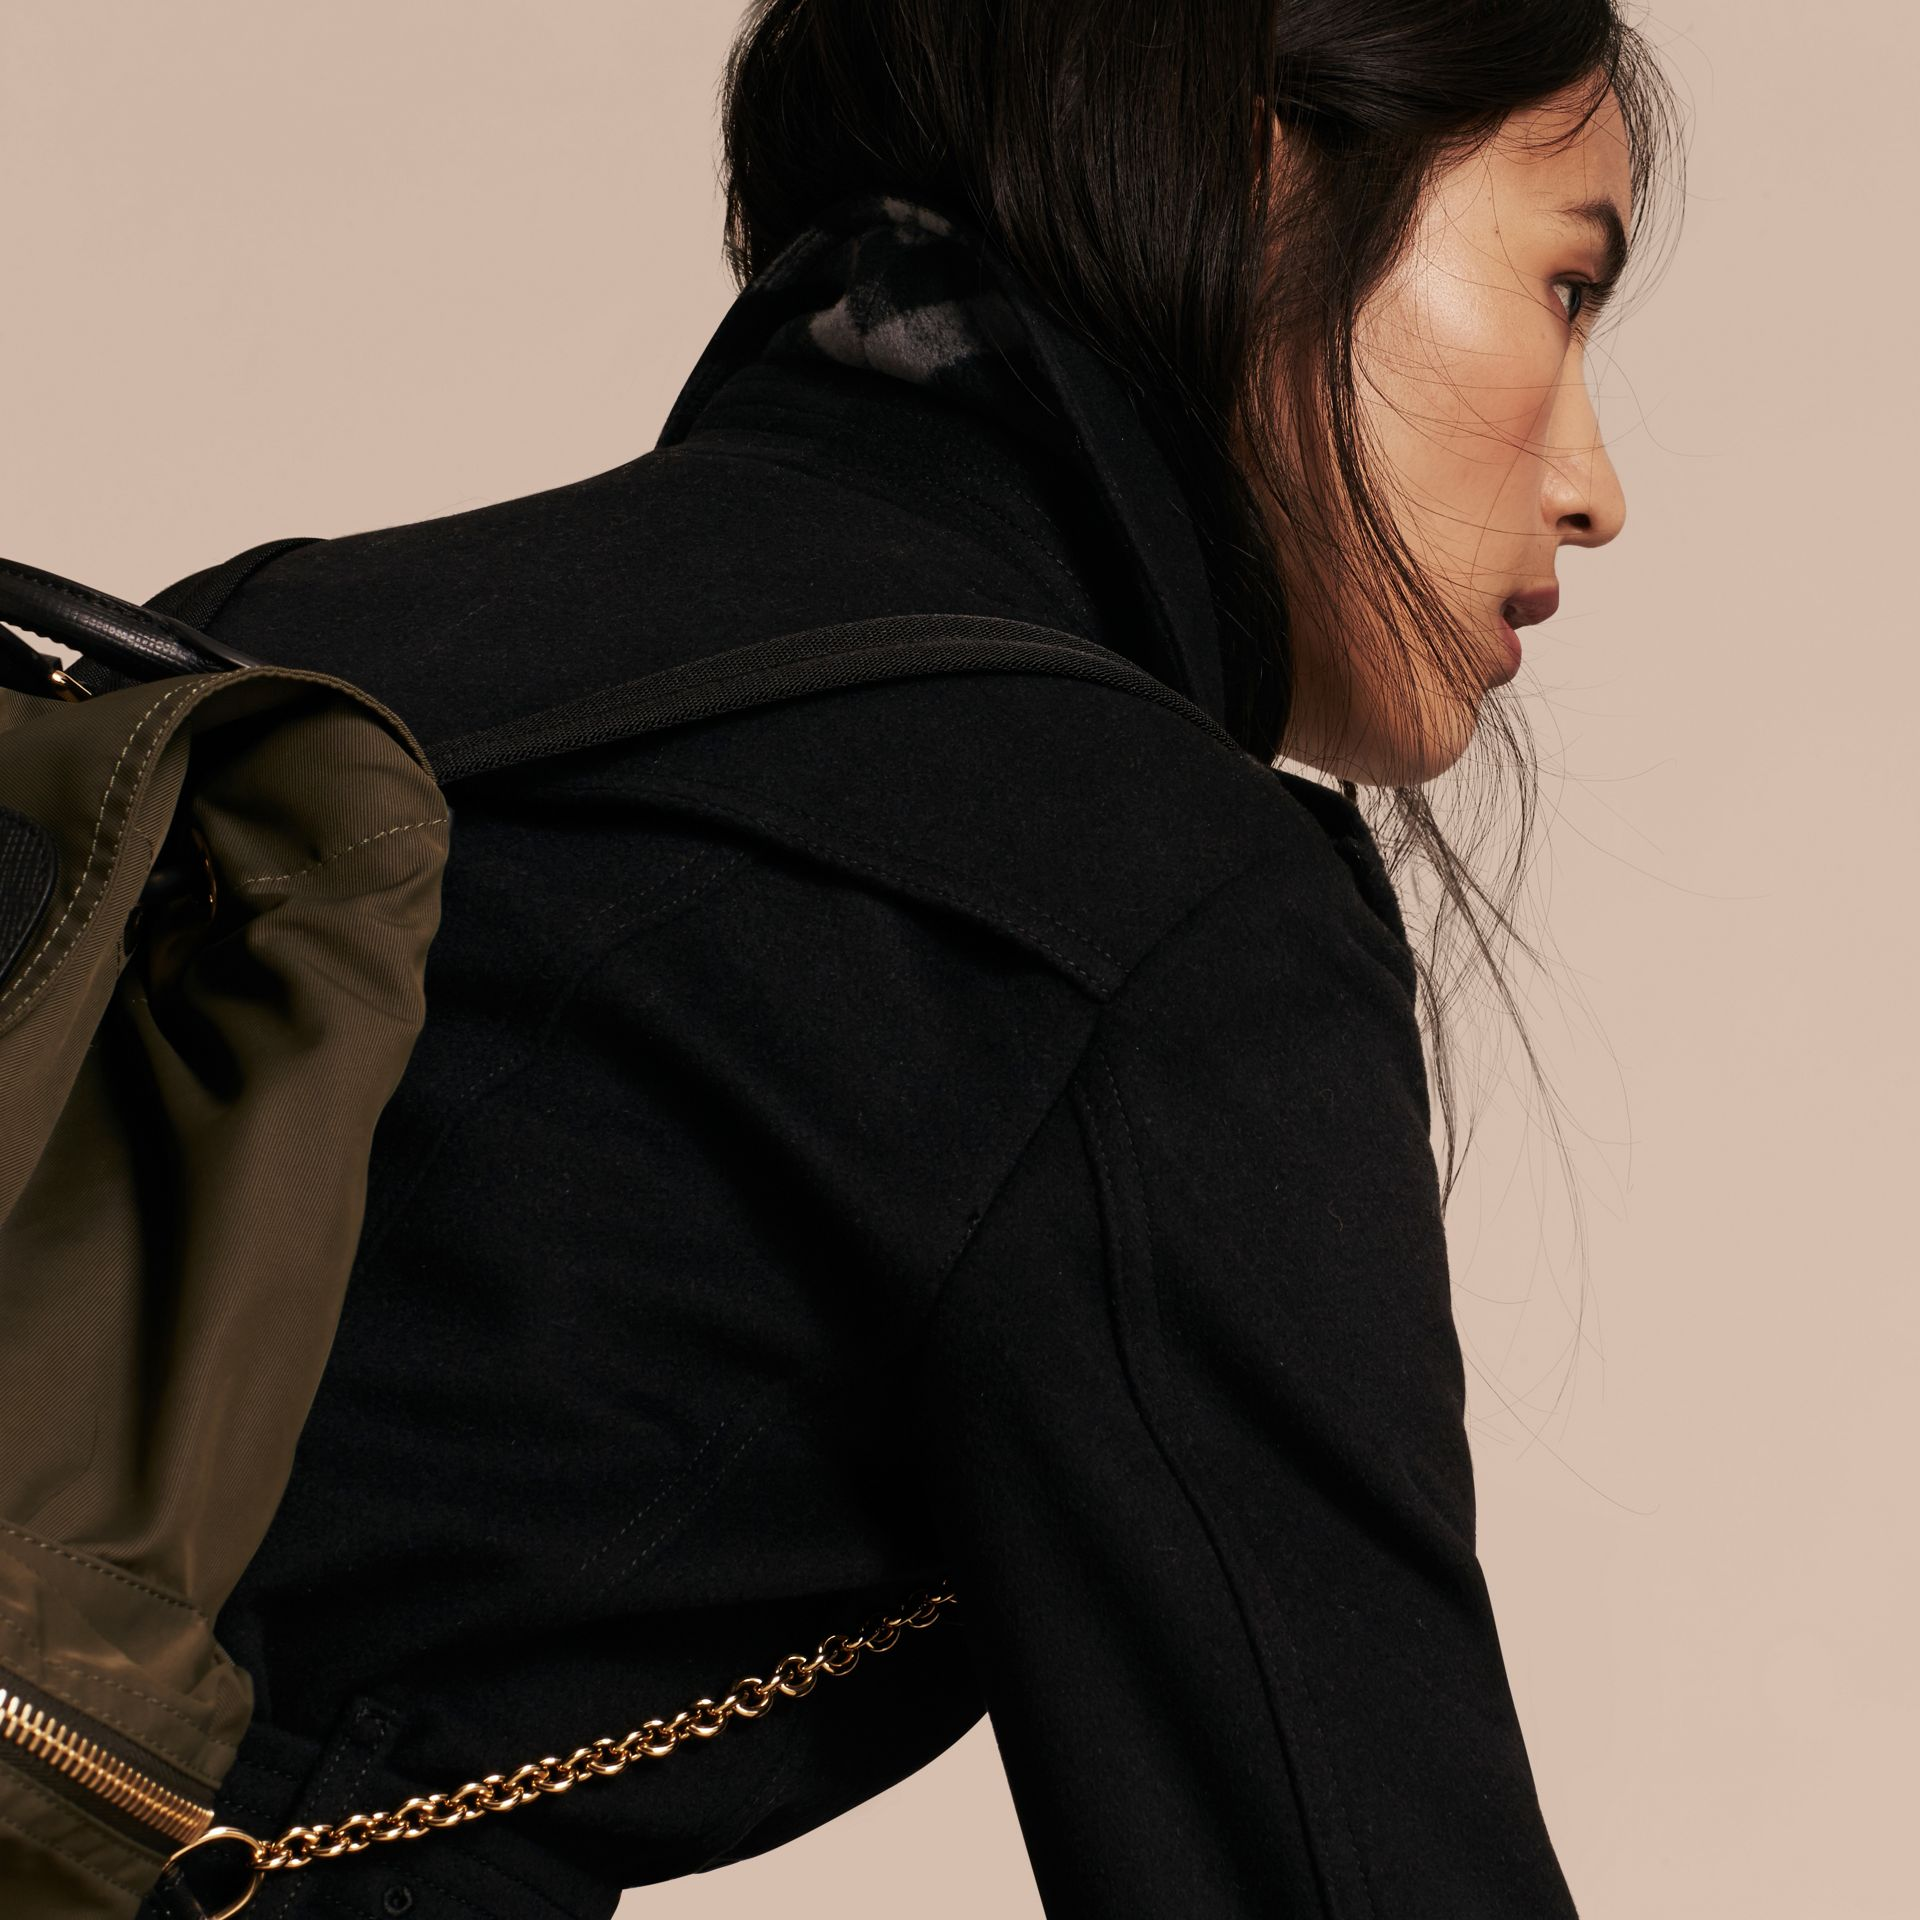 Negro Trench coat en lana y cachemir con cuello en piel de zorro Negro - imagen de la galería 5